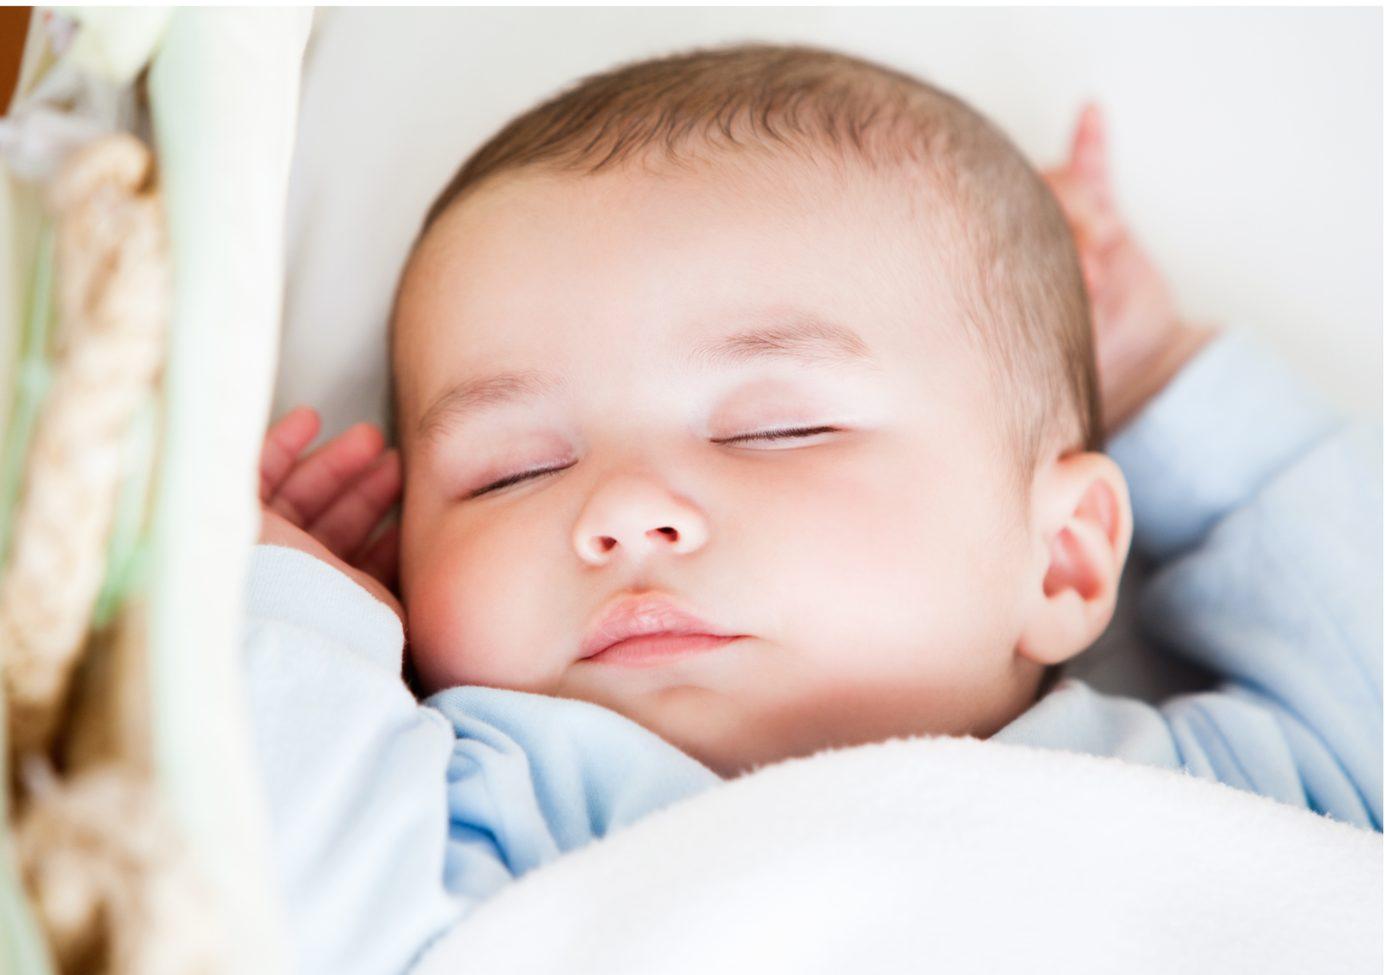 Muzica lui Mozart NU îl face pe bebe mai inteligent